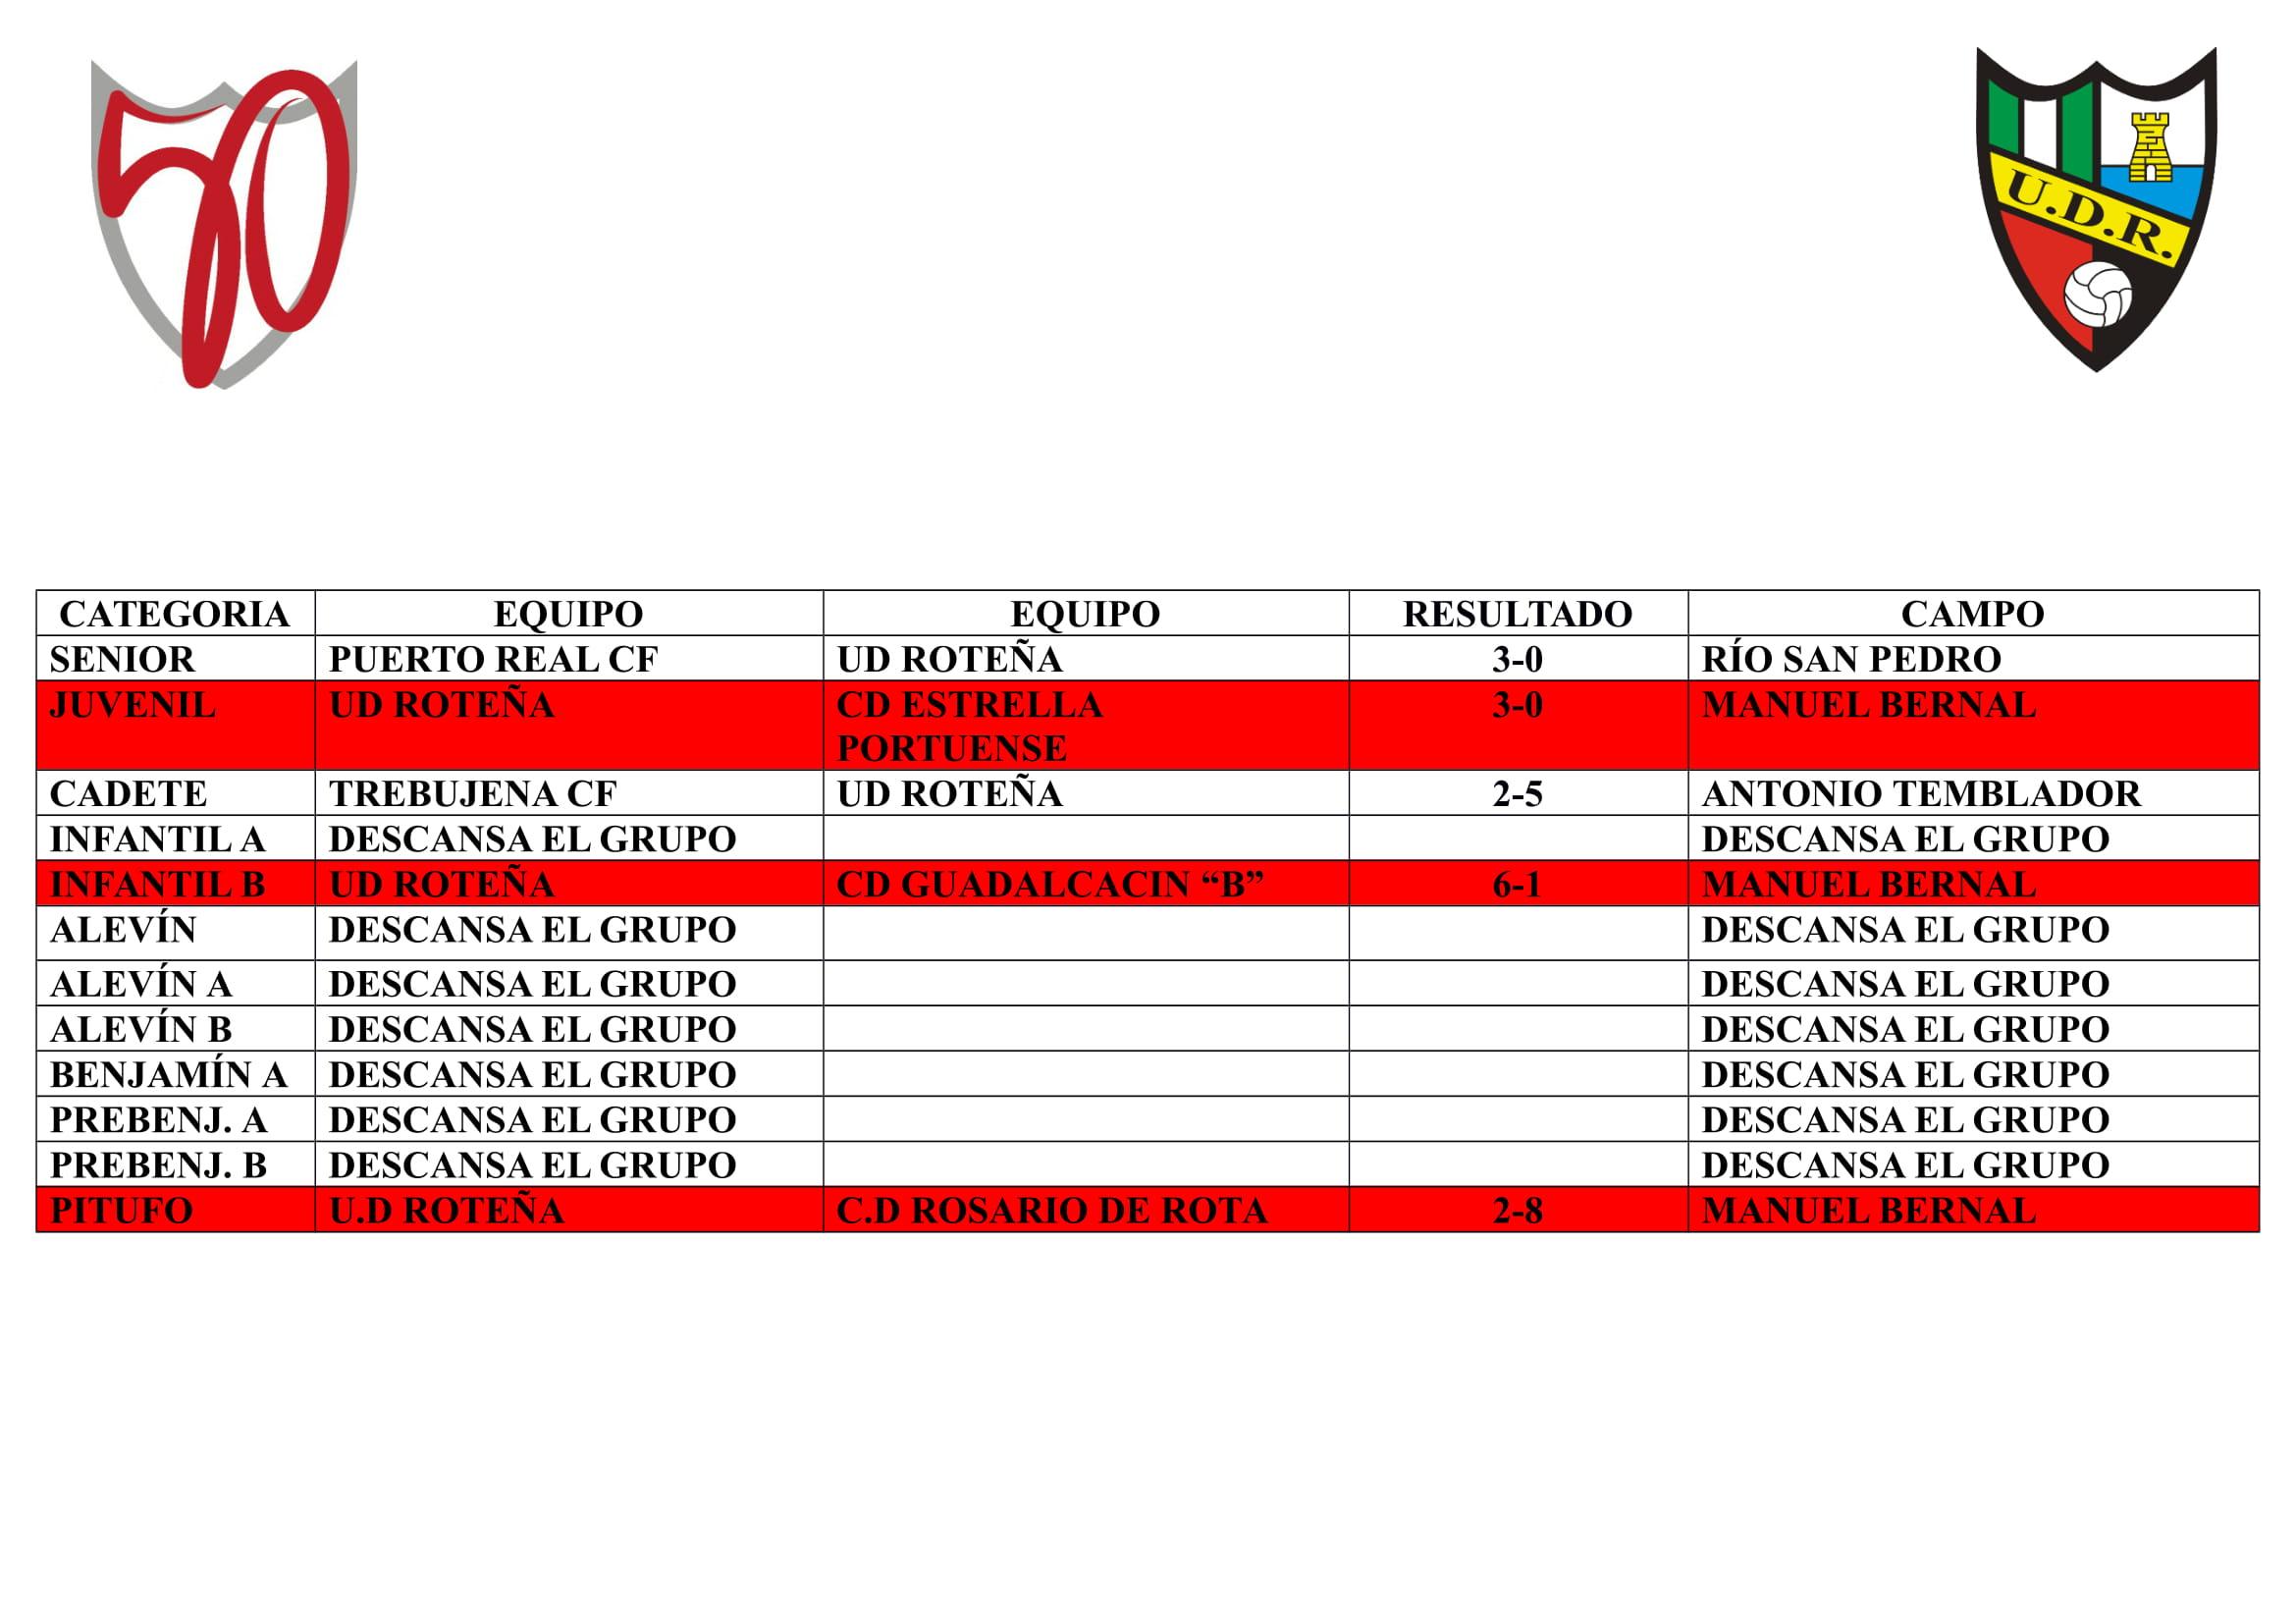 La jornada de nuestros equipos (del 6 al 8 dic)